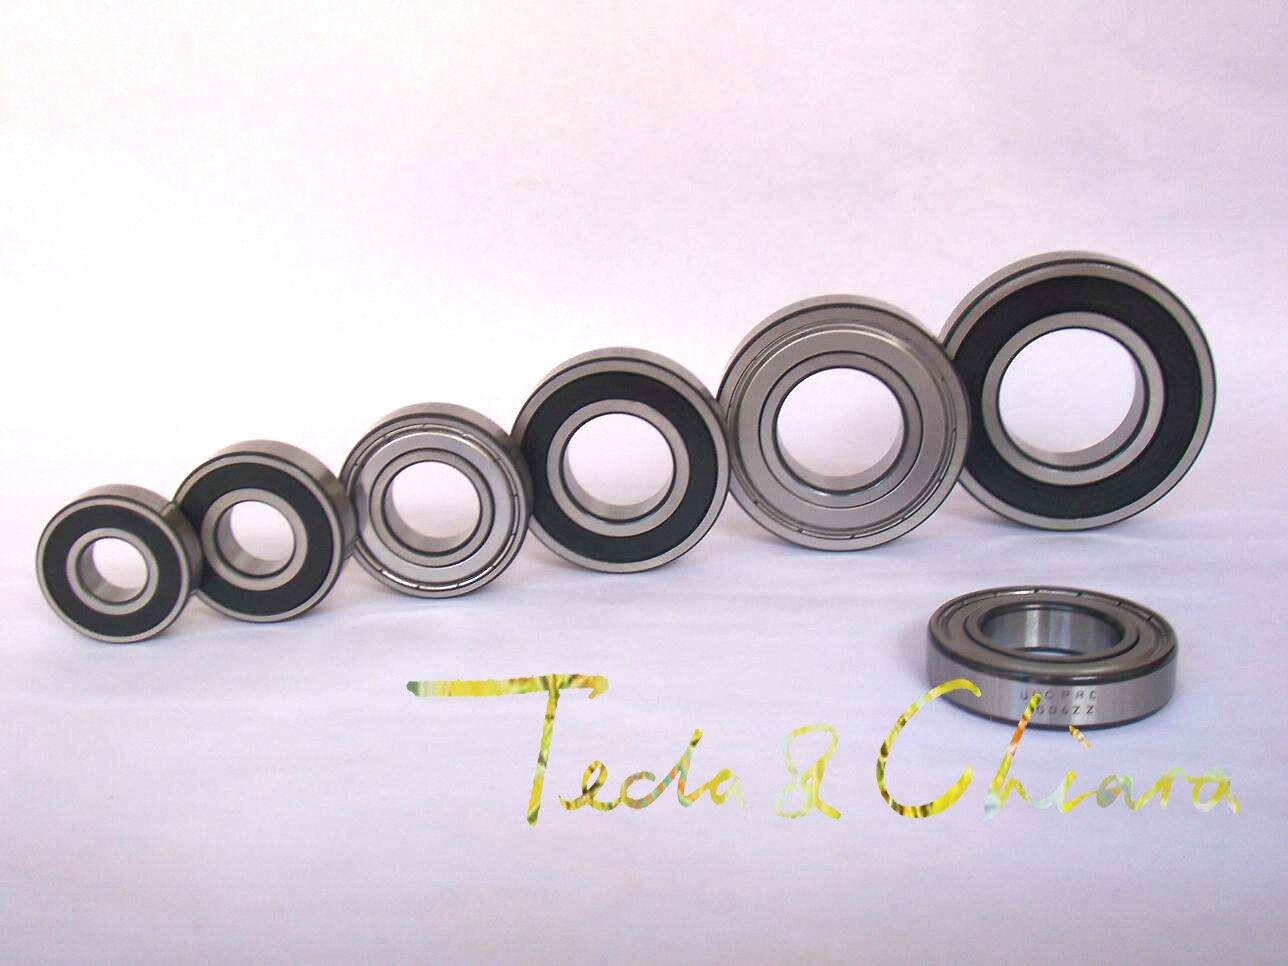 6803 6803ZZ 6803RS 6803-2Z 6803Z 6803-2RS ZZ RS RZ 2RZ Deep Groove Ball Bearings 17 x 26 x 5mm High Quality 50pcs 689 2z zz deep groove ball bearing 9 x 17 x 5mm